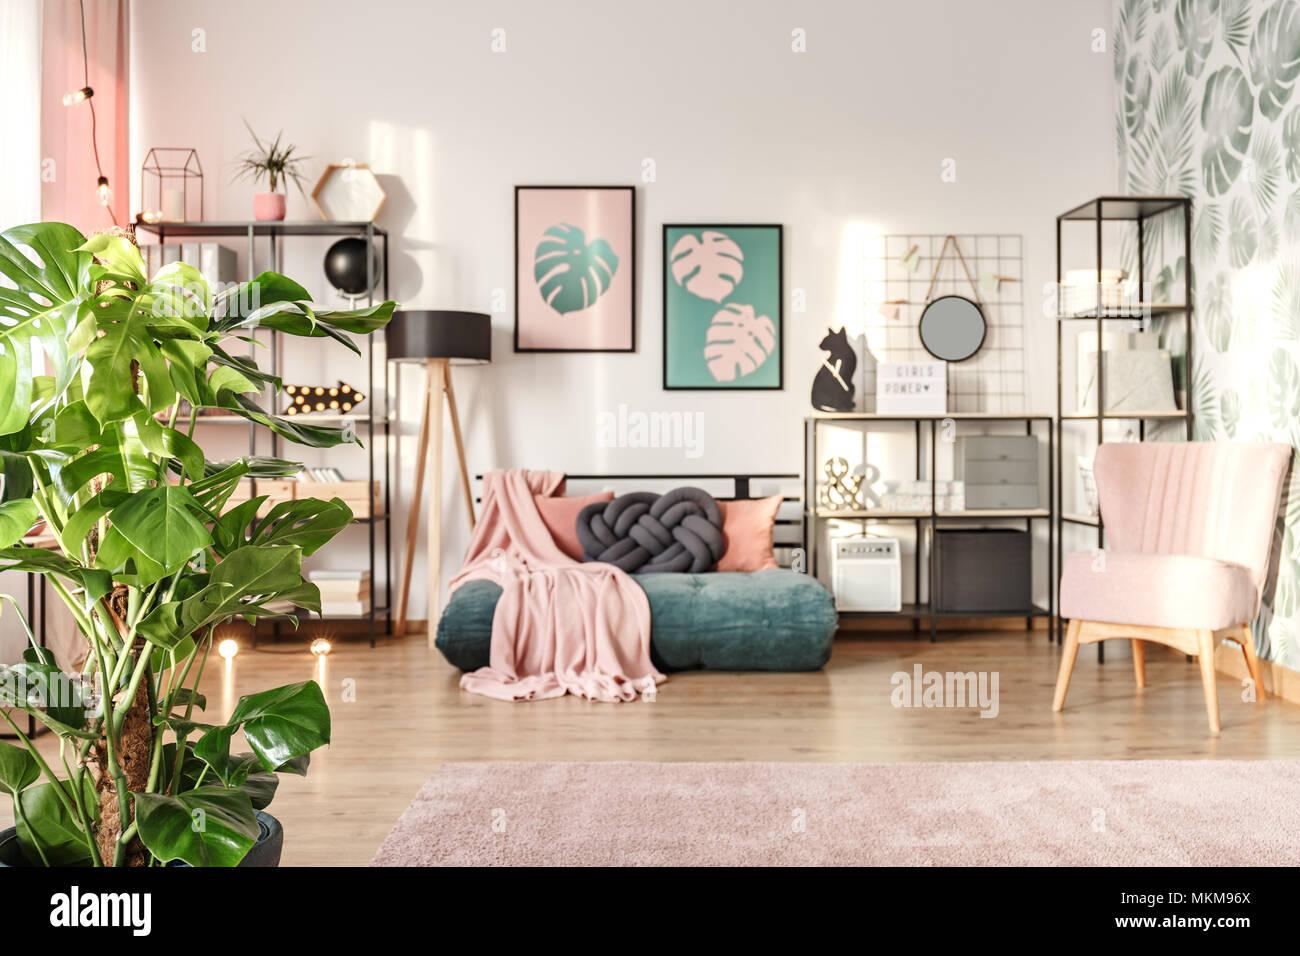 Big Monstera Pflanze Im Designer Wohnzimmer Einrichtung Mit Einem  Smaragdgrünen Gemütliche Couch Und Rosa Elemente